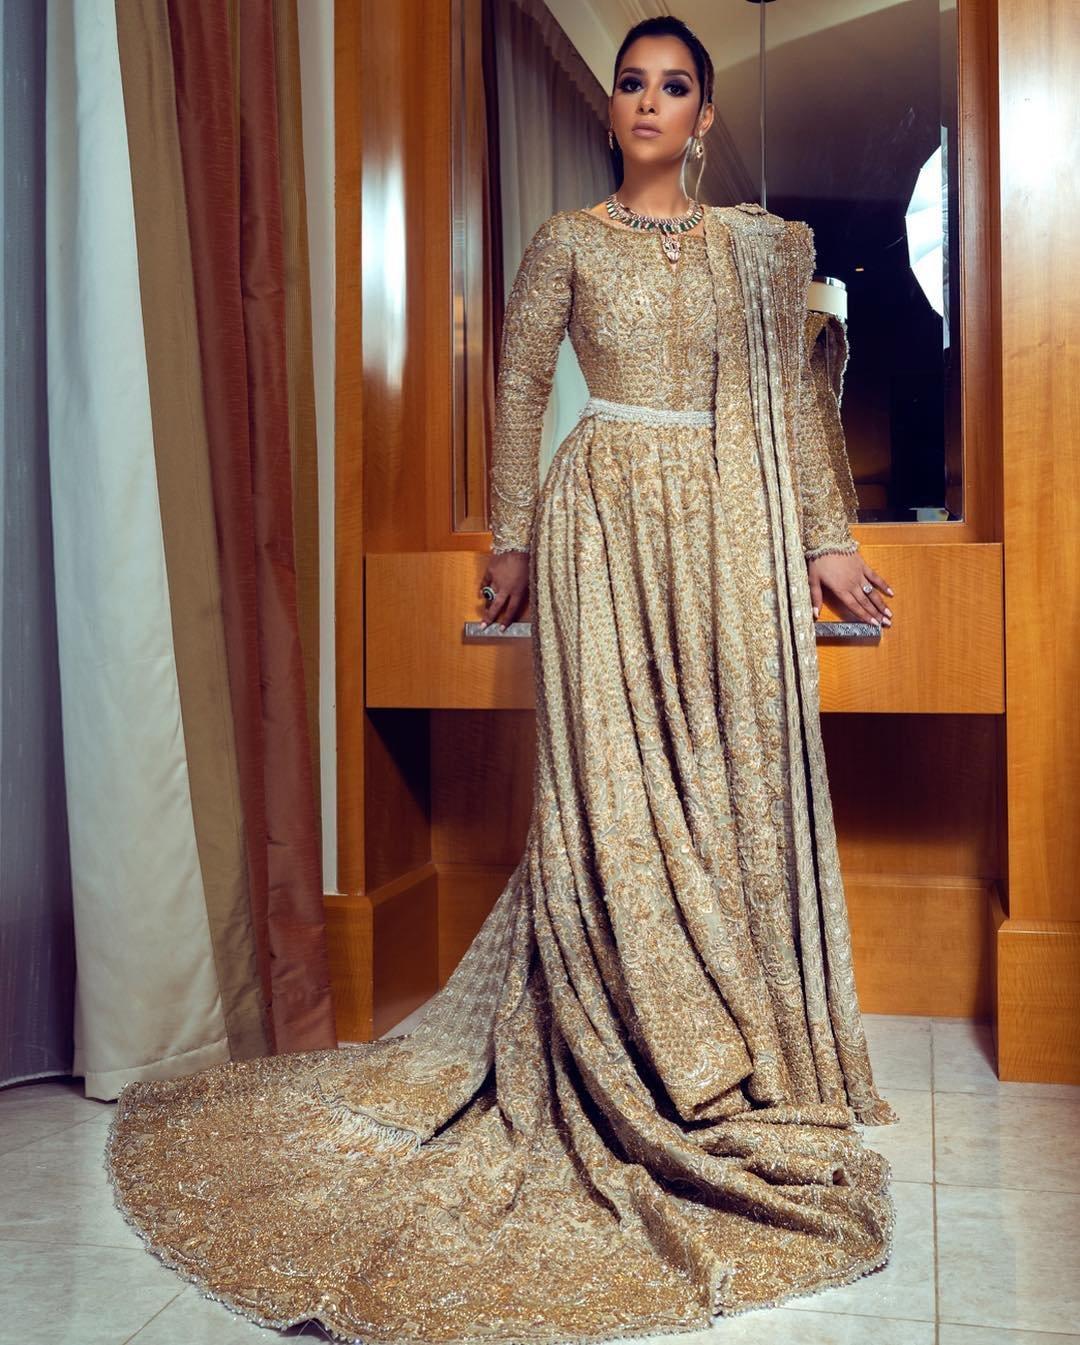 فستان ذهبي فاخر تألقت به بلقيس